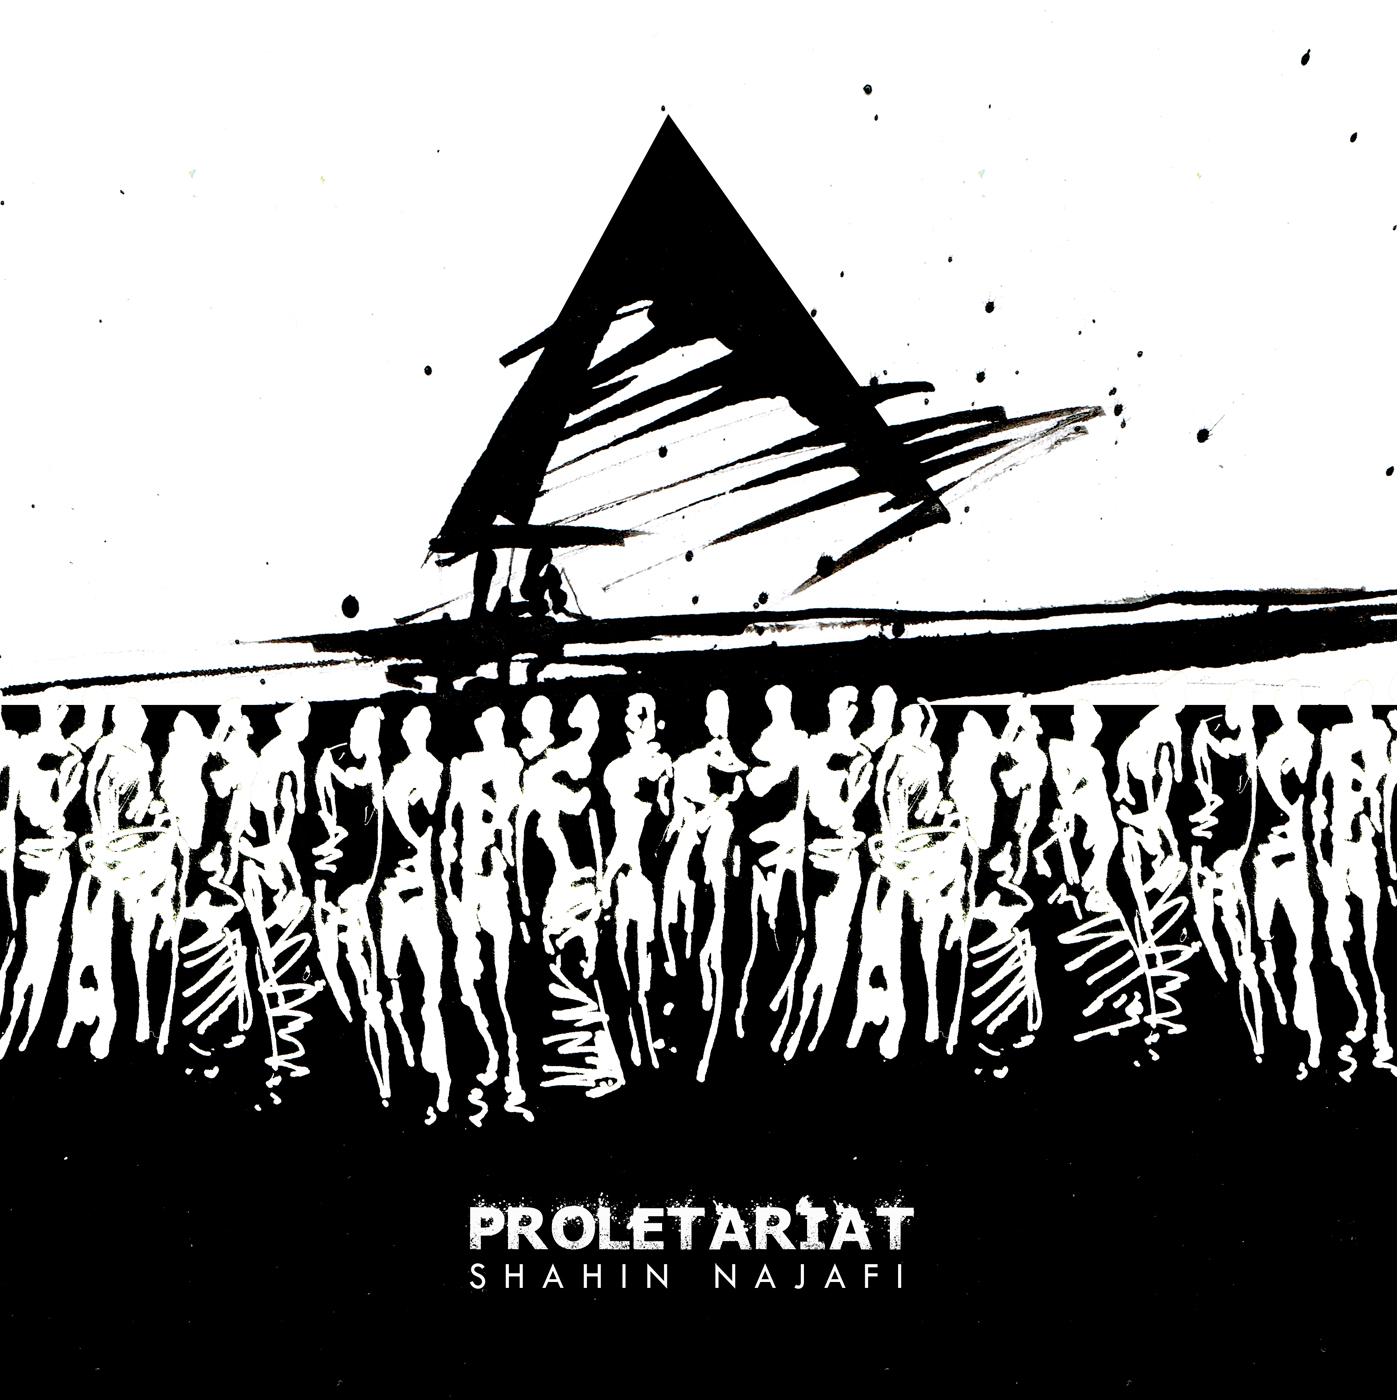 Proletariate - Shahin Najafi